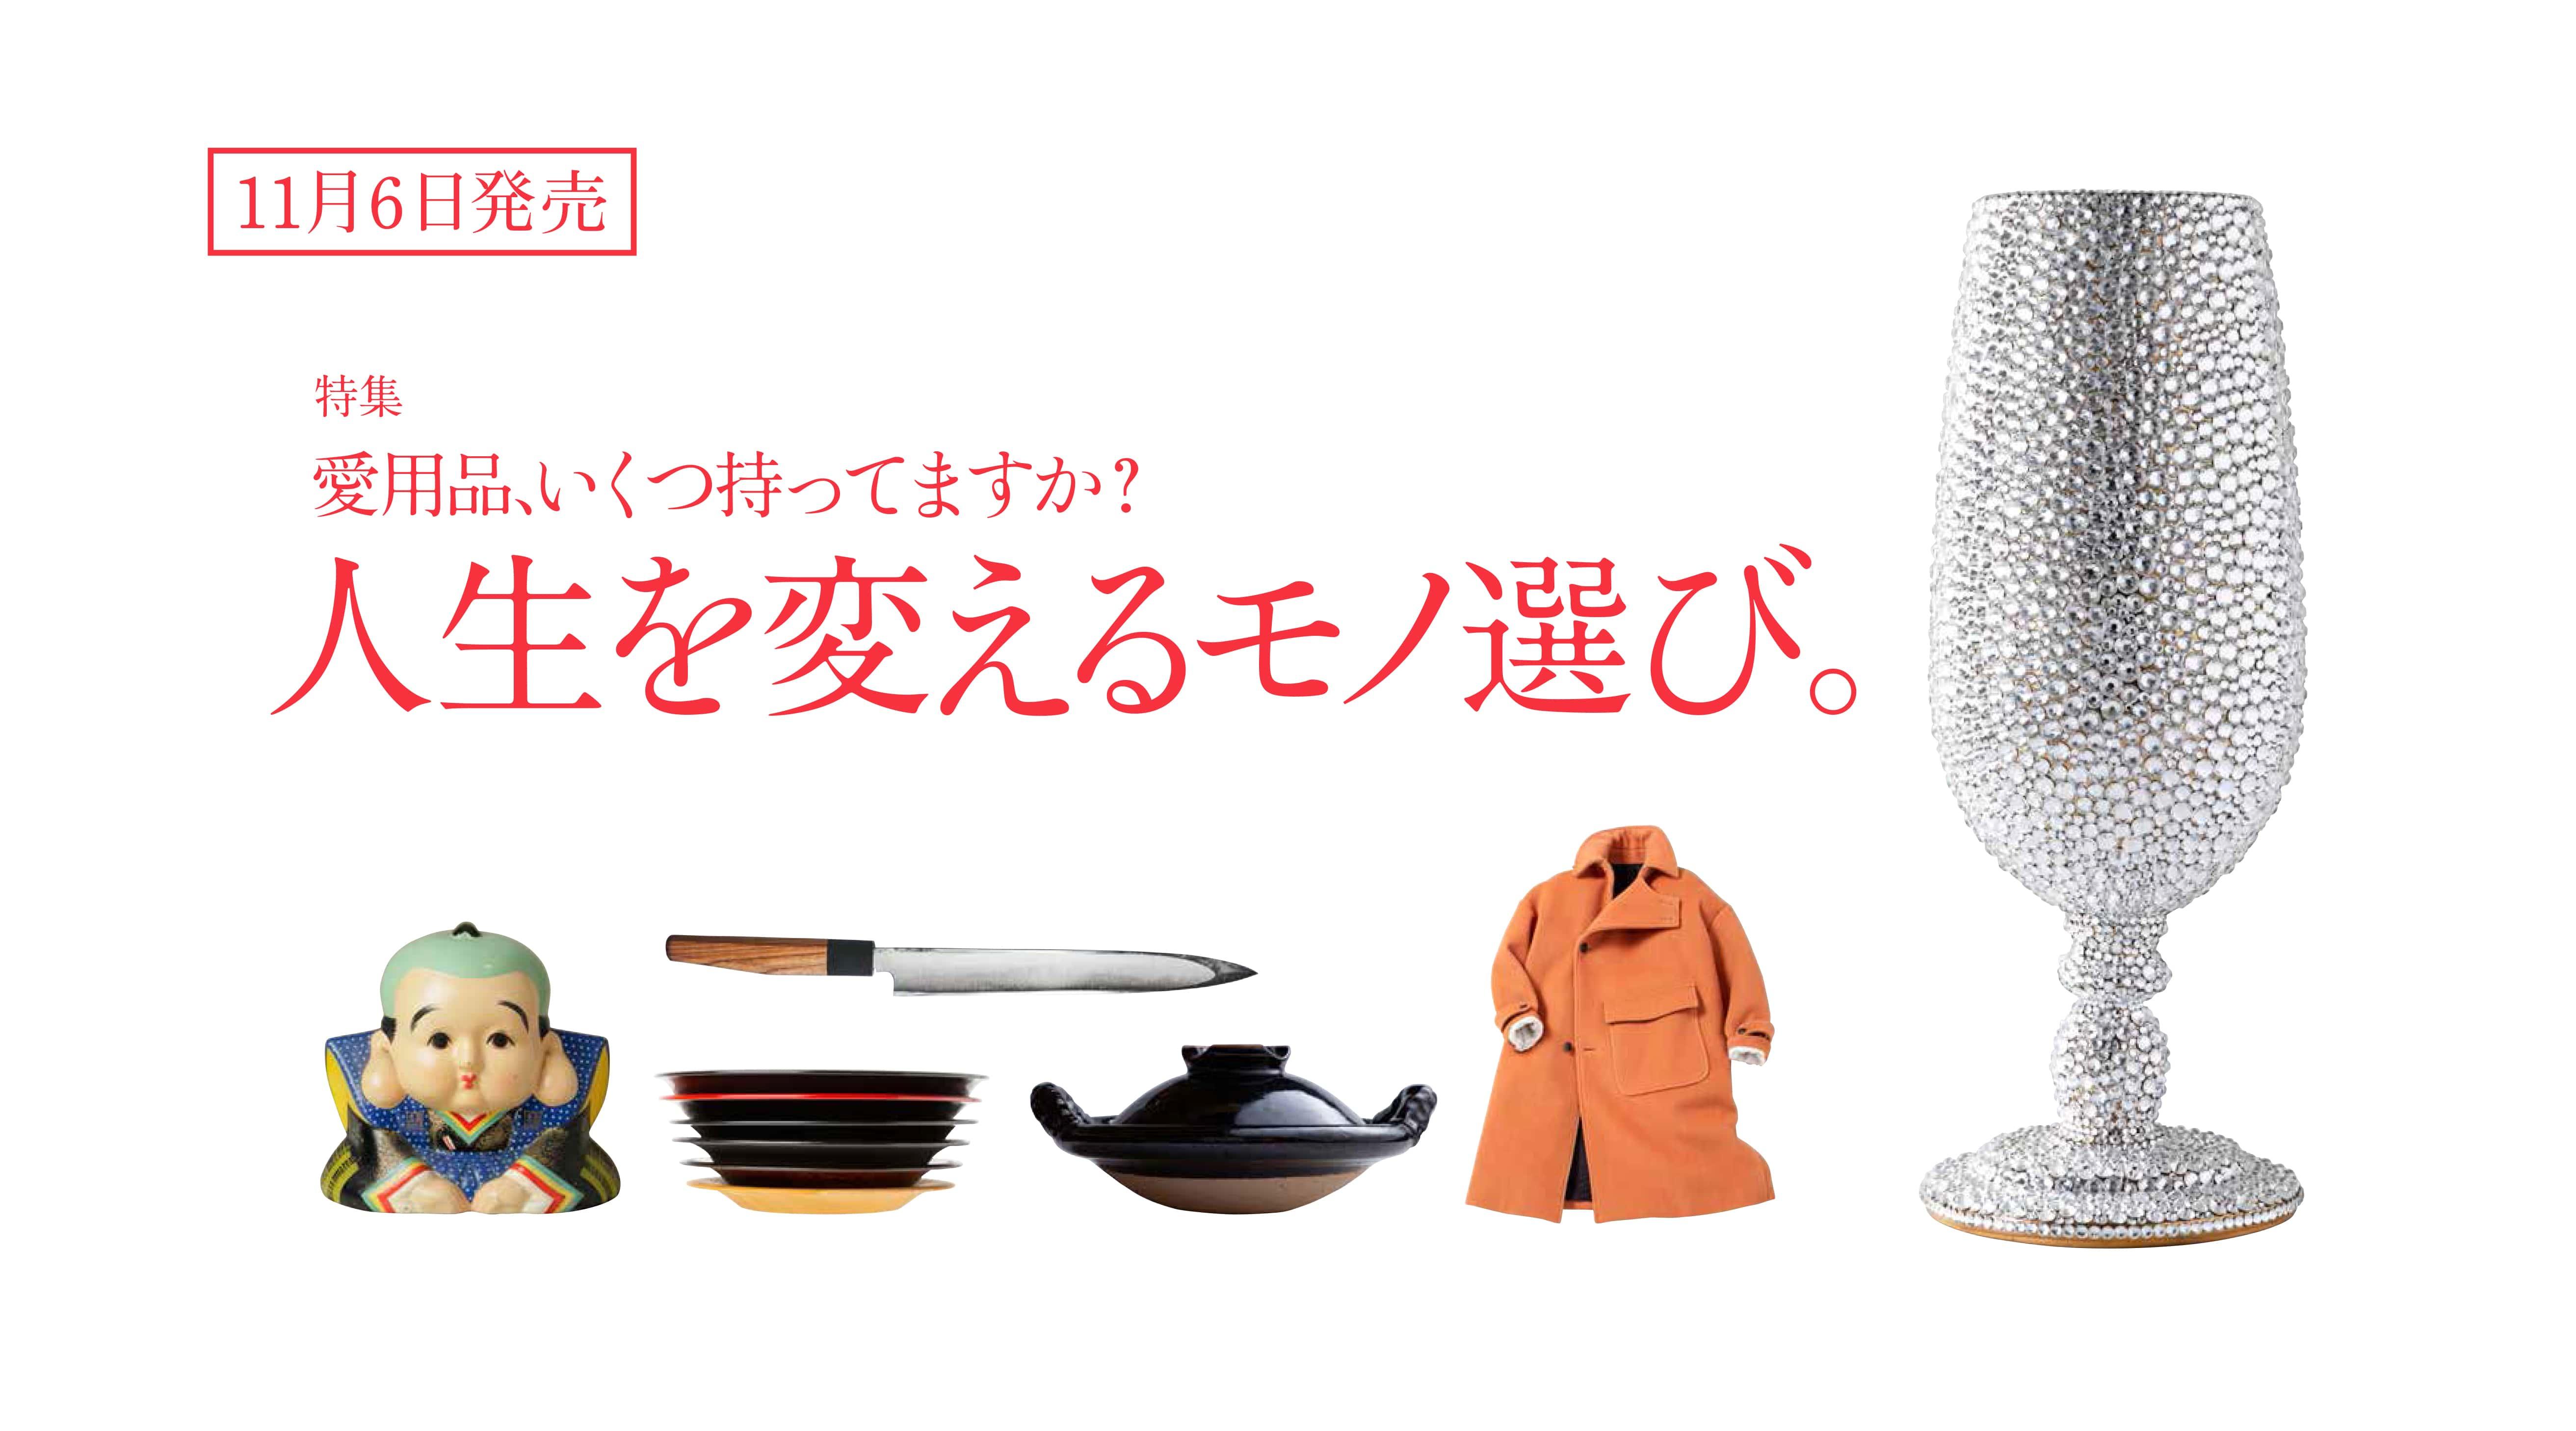 特集:人生を変えるモノ選び。<br/>【11/6発売】Discover Japan12月号